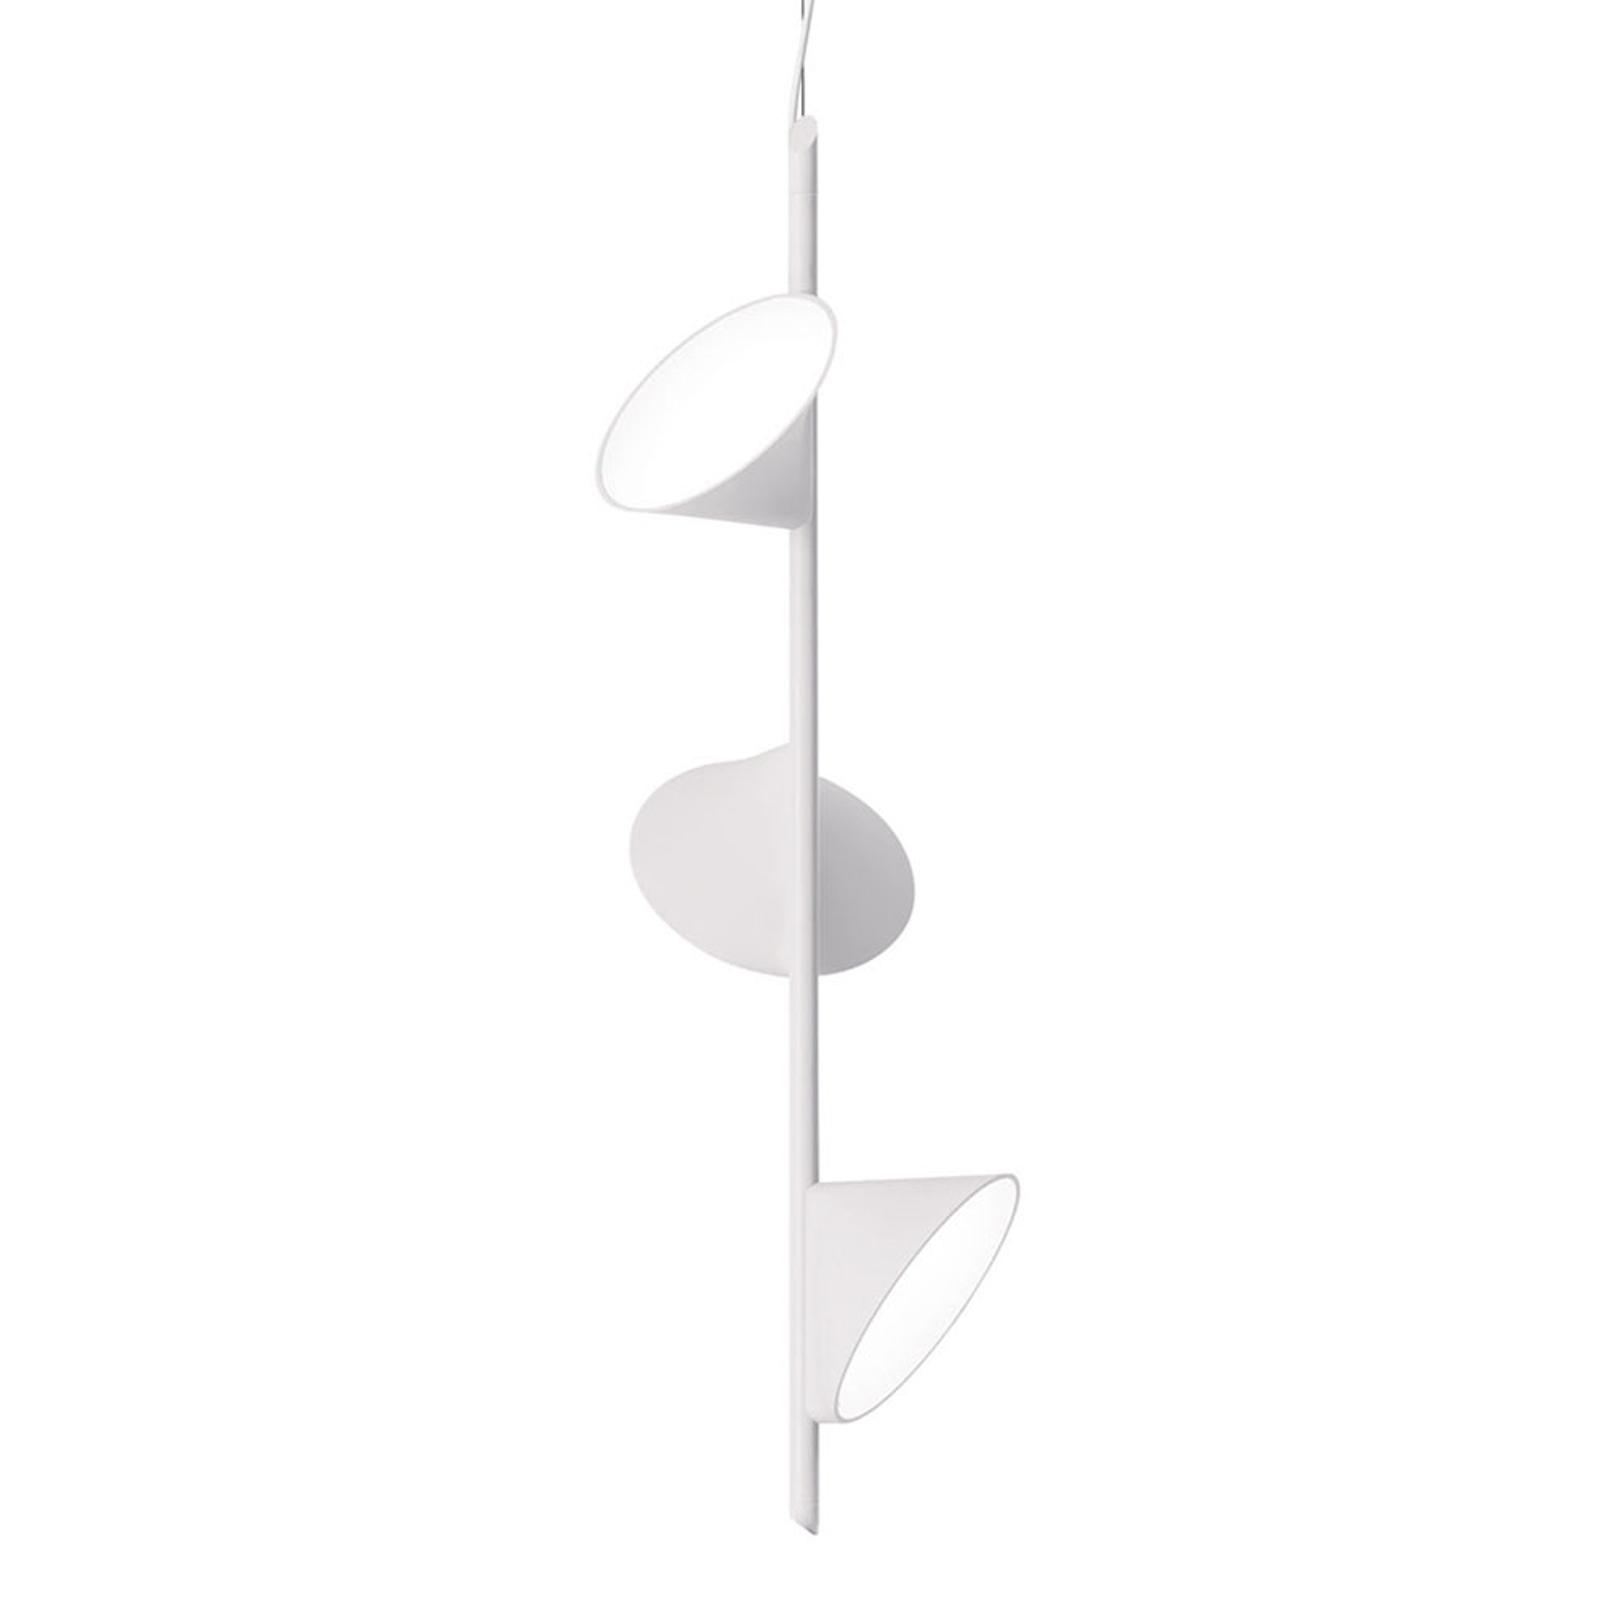 Axolight Orchid LED-Hängeleuchte, dreiflammig weiß